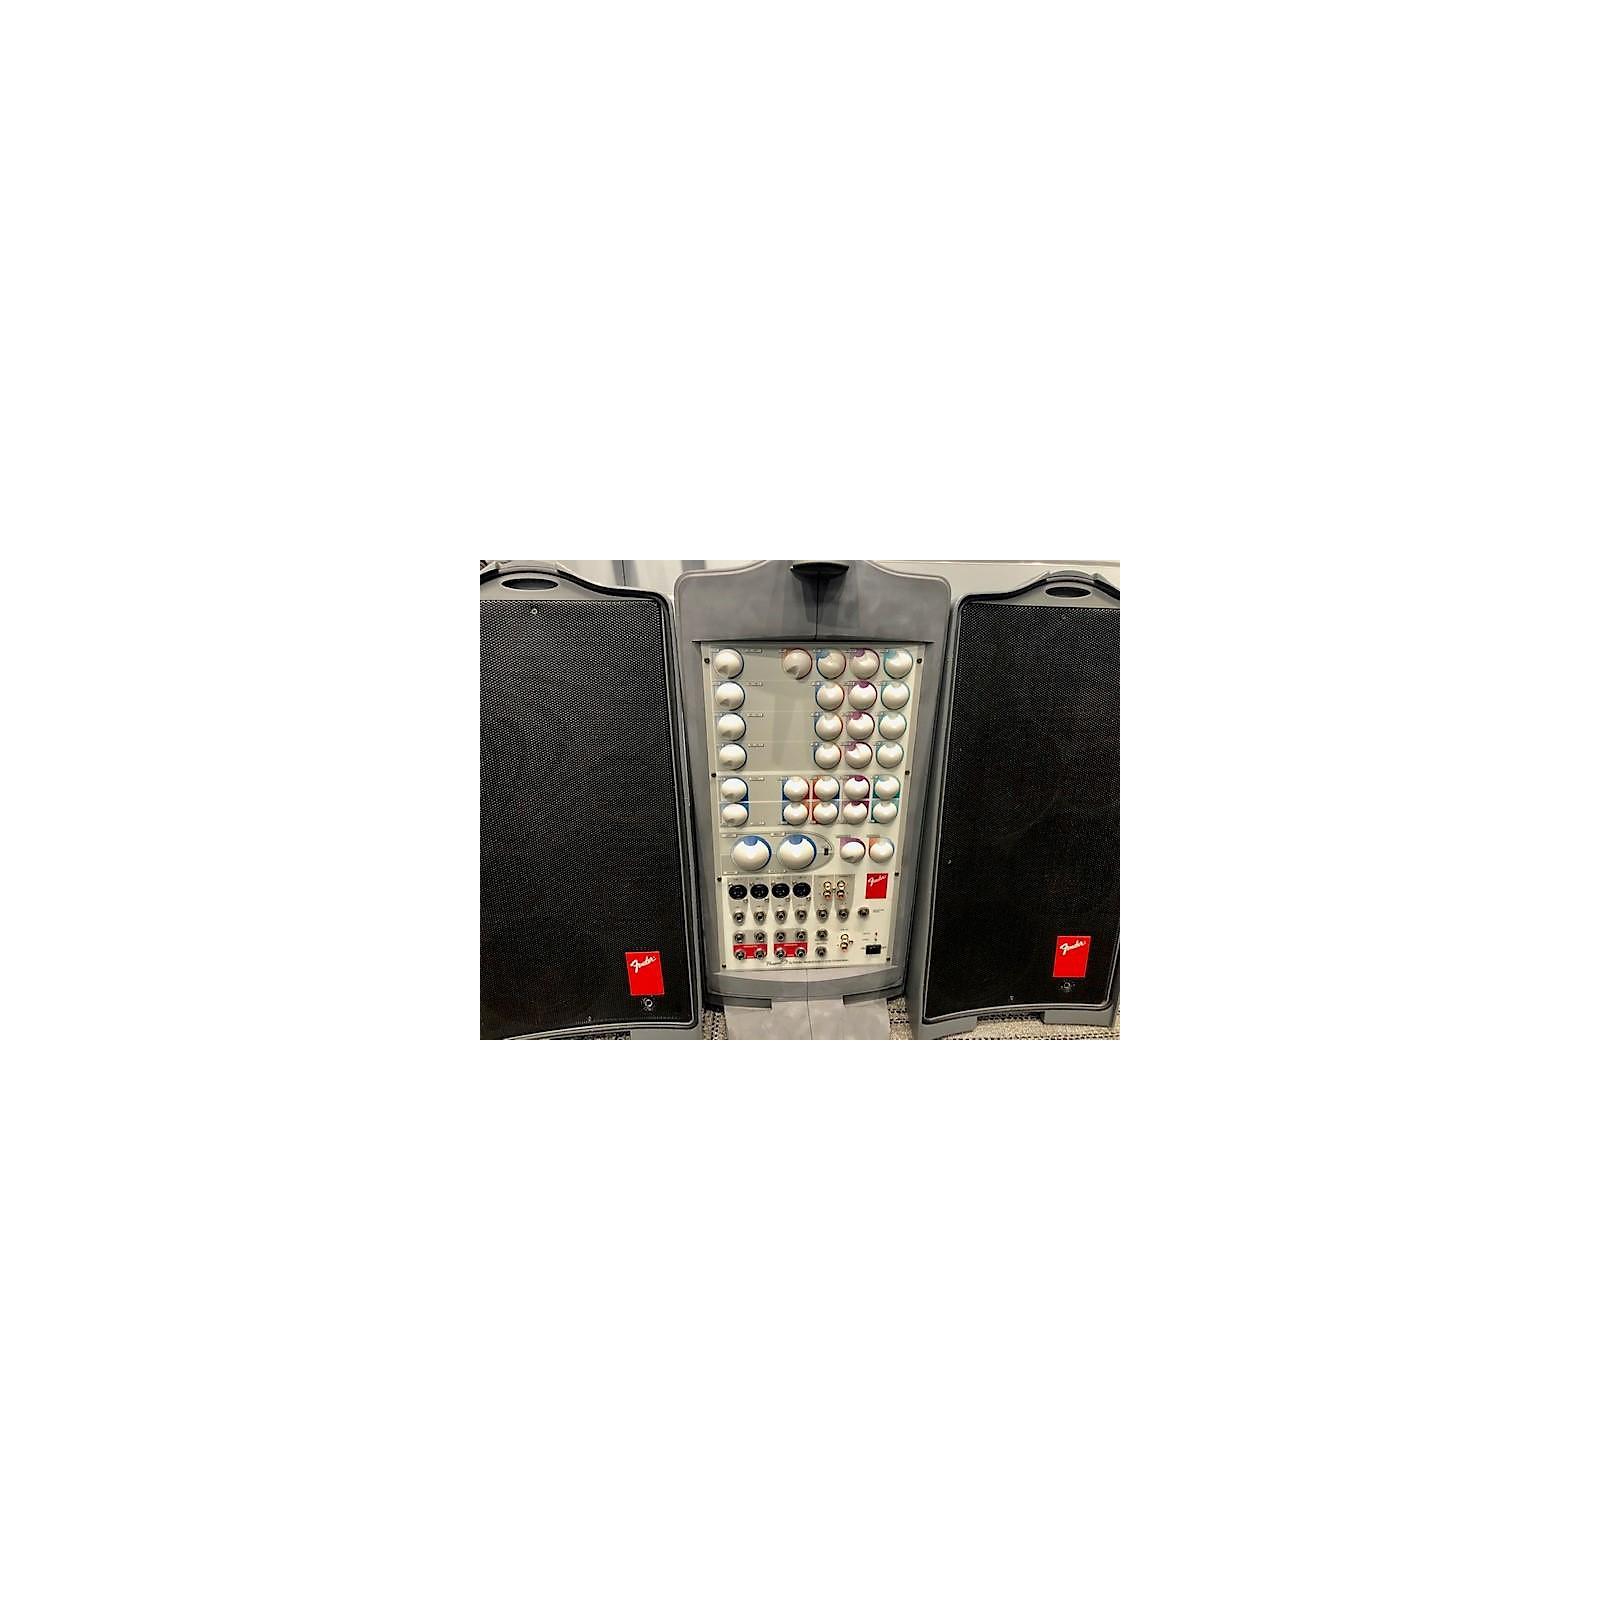 Fender Passport P250 Sound Package